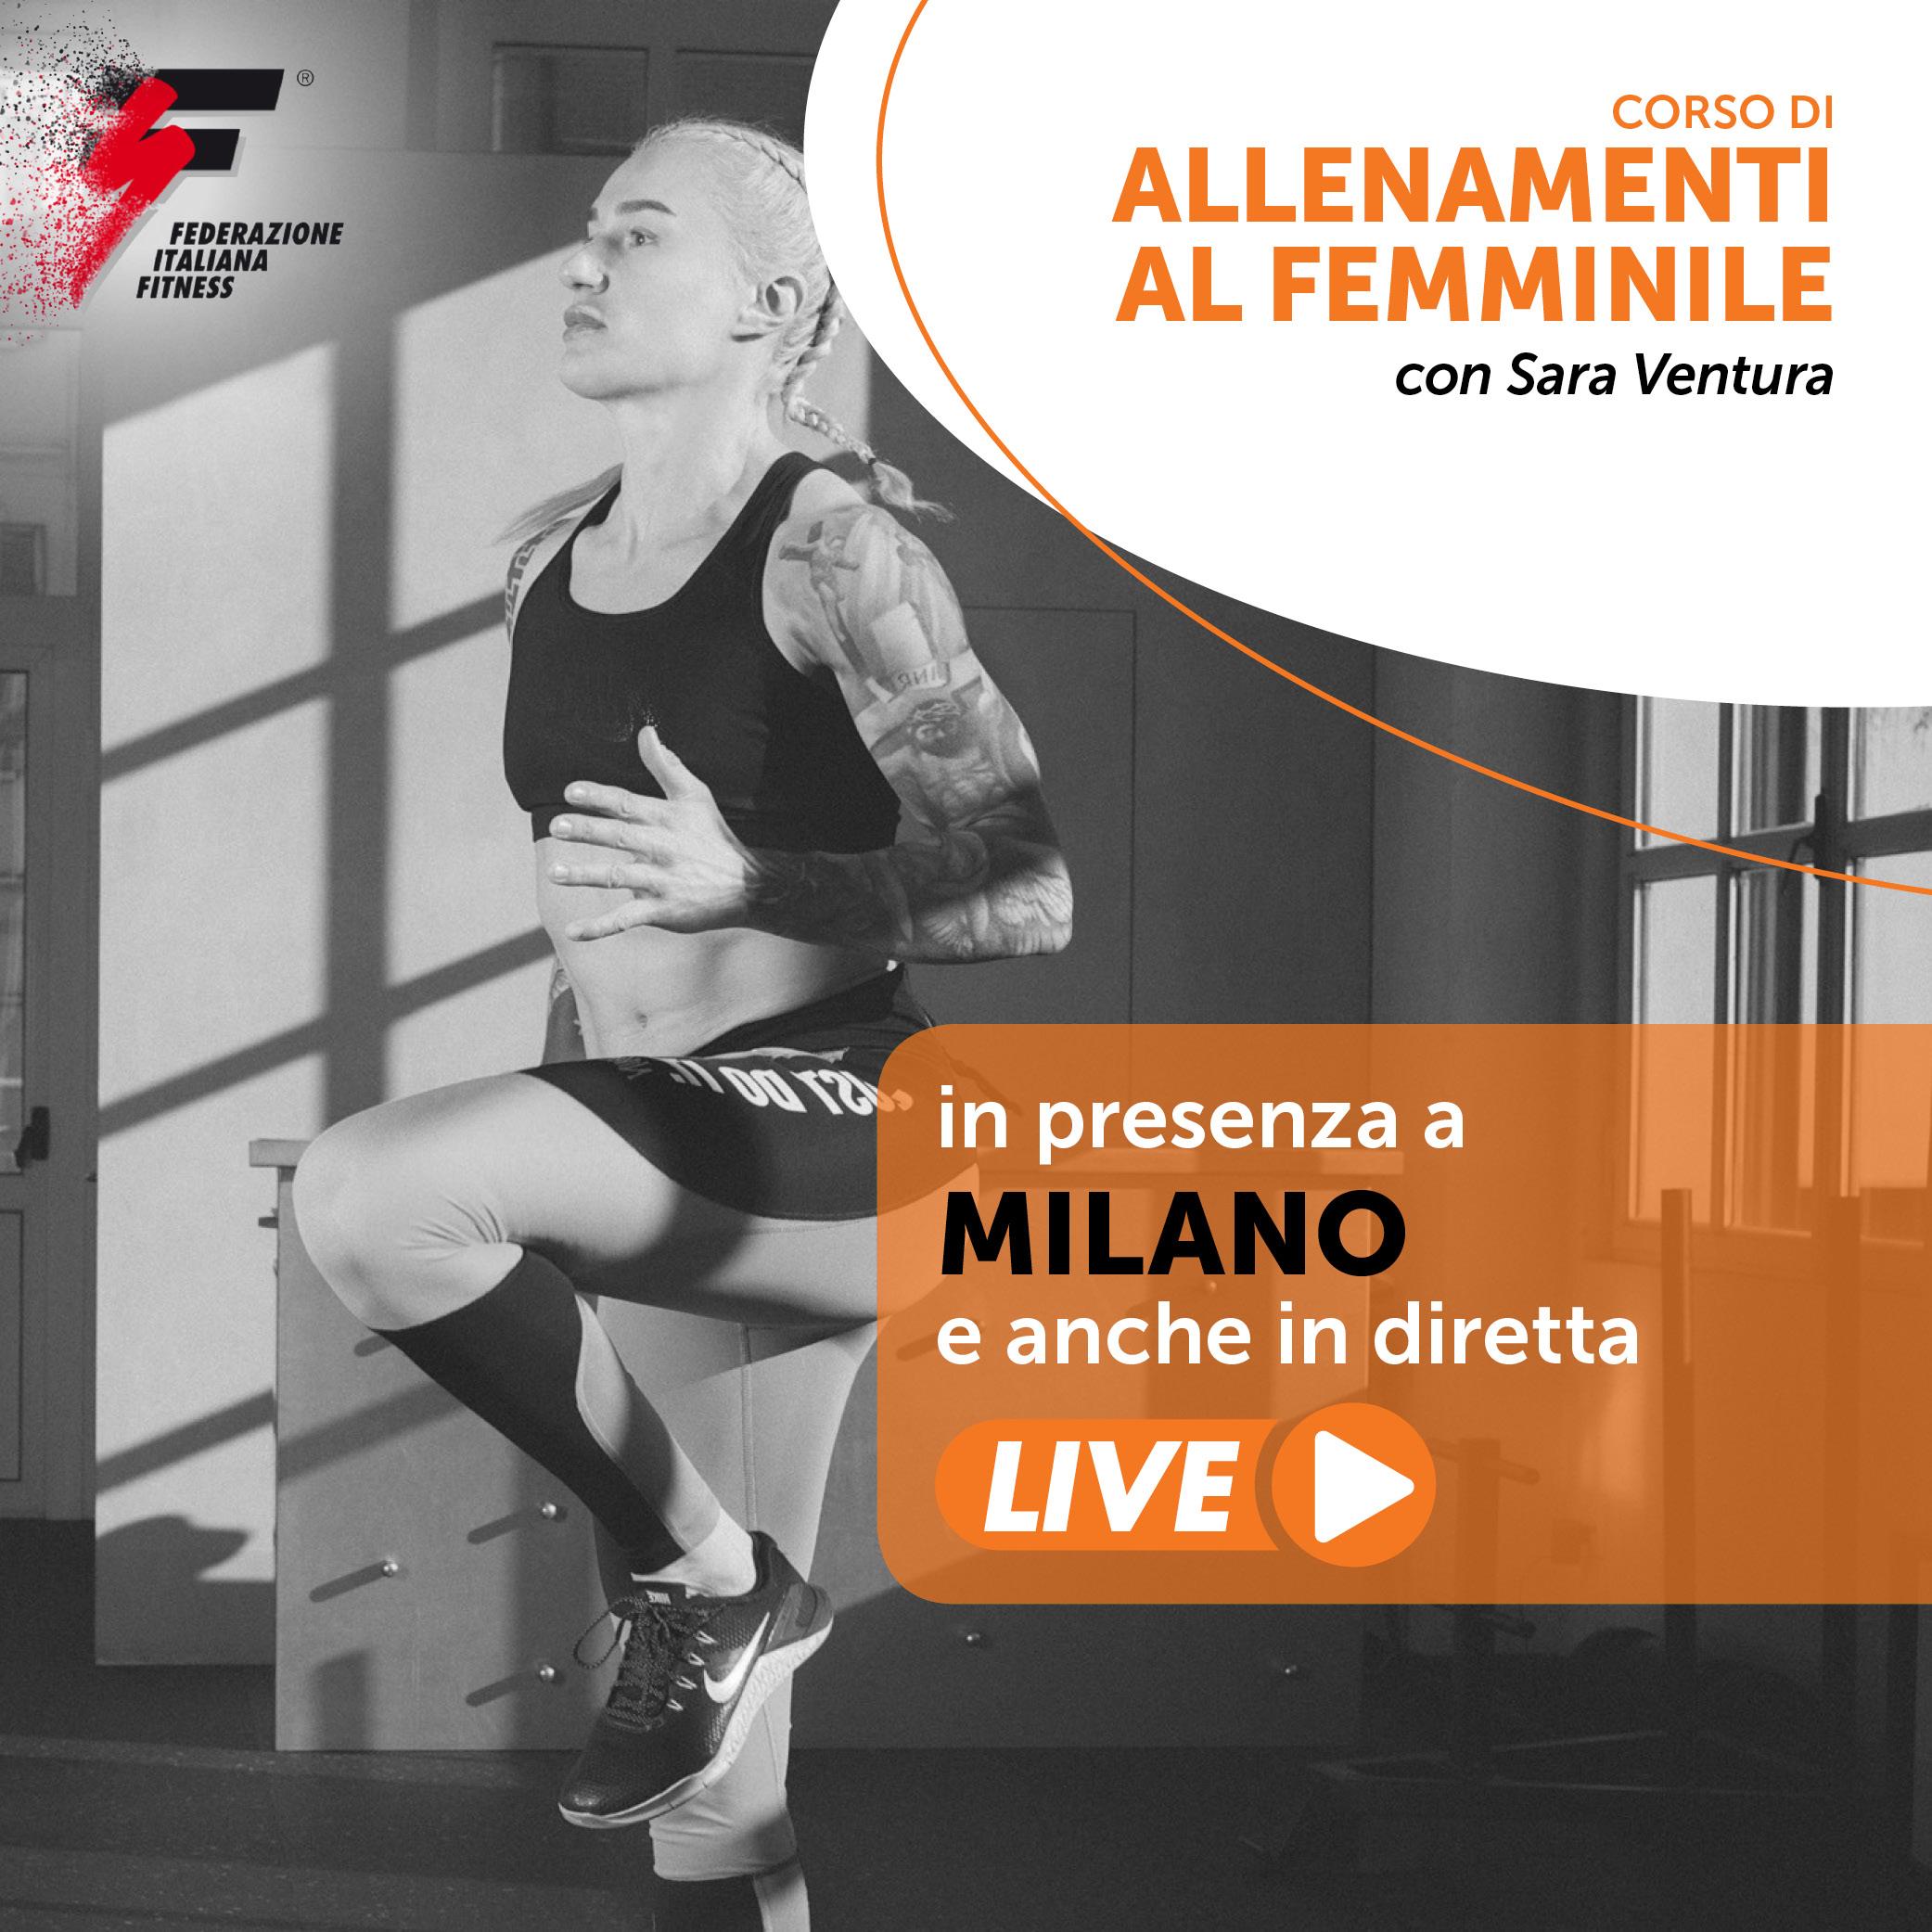 ALLENAMENTI AL FEMMINILE con Sara Ventura /Corso Live